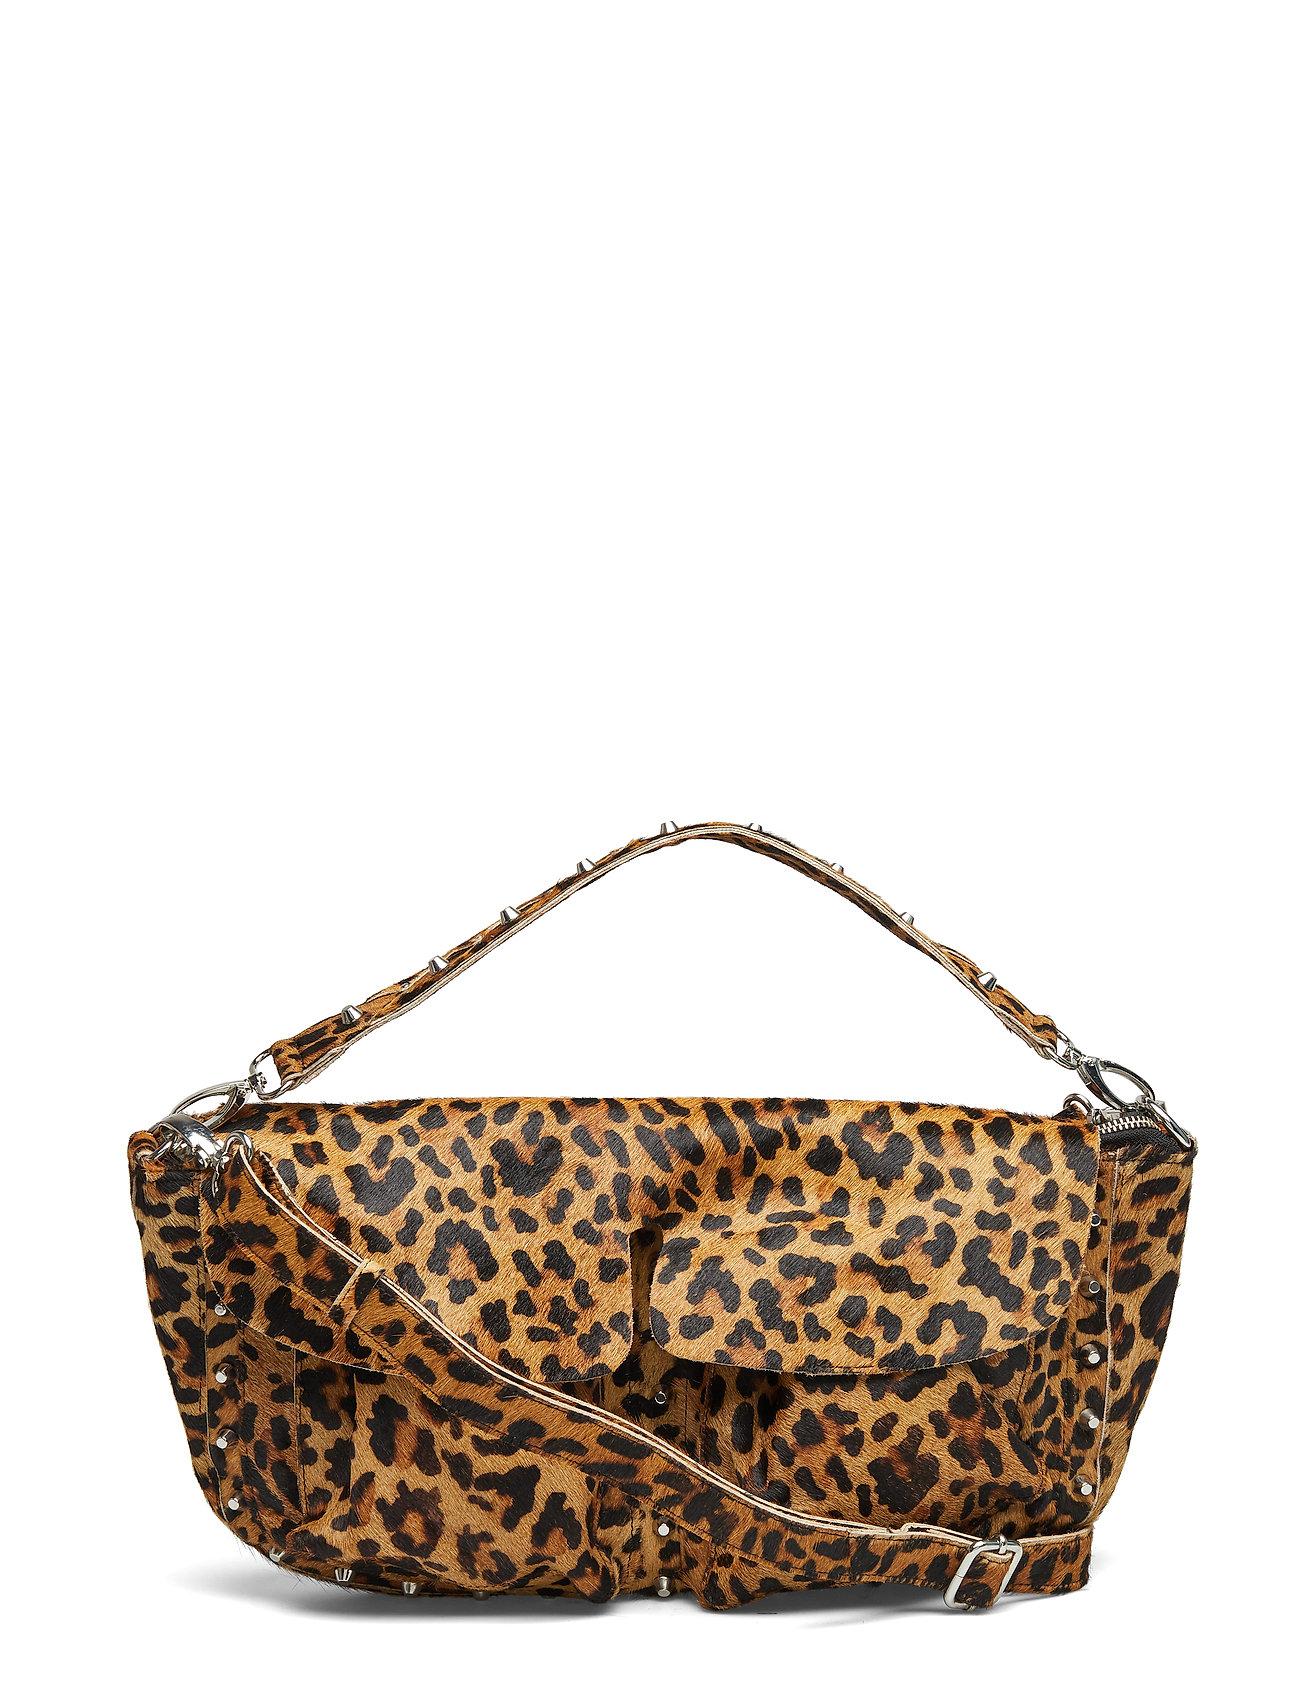 Bag Bag Unlimit MelodyleopardAdax Shoulder Unlimit Unlimit MelodyleopardAdax Shoulder m7Yfgvb6Iy